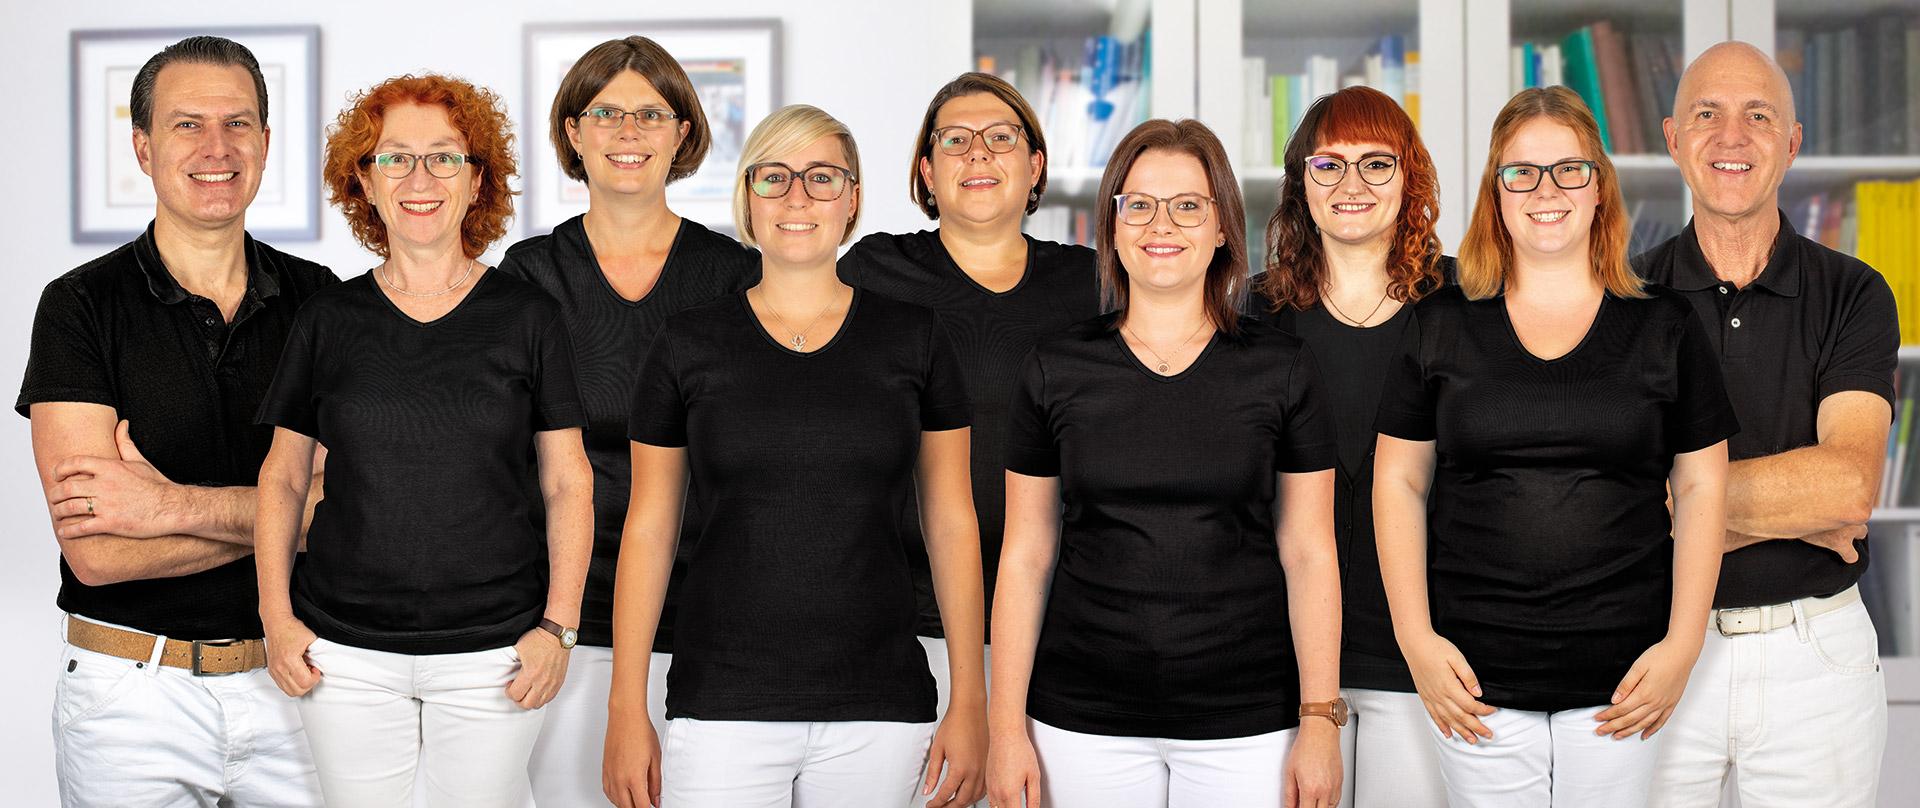 Das Team der Praxis Dr. Paul Heilmann, Orthopädie Landshut, heißt Sie willkommen